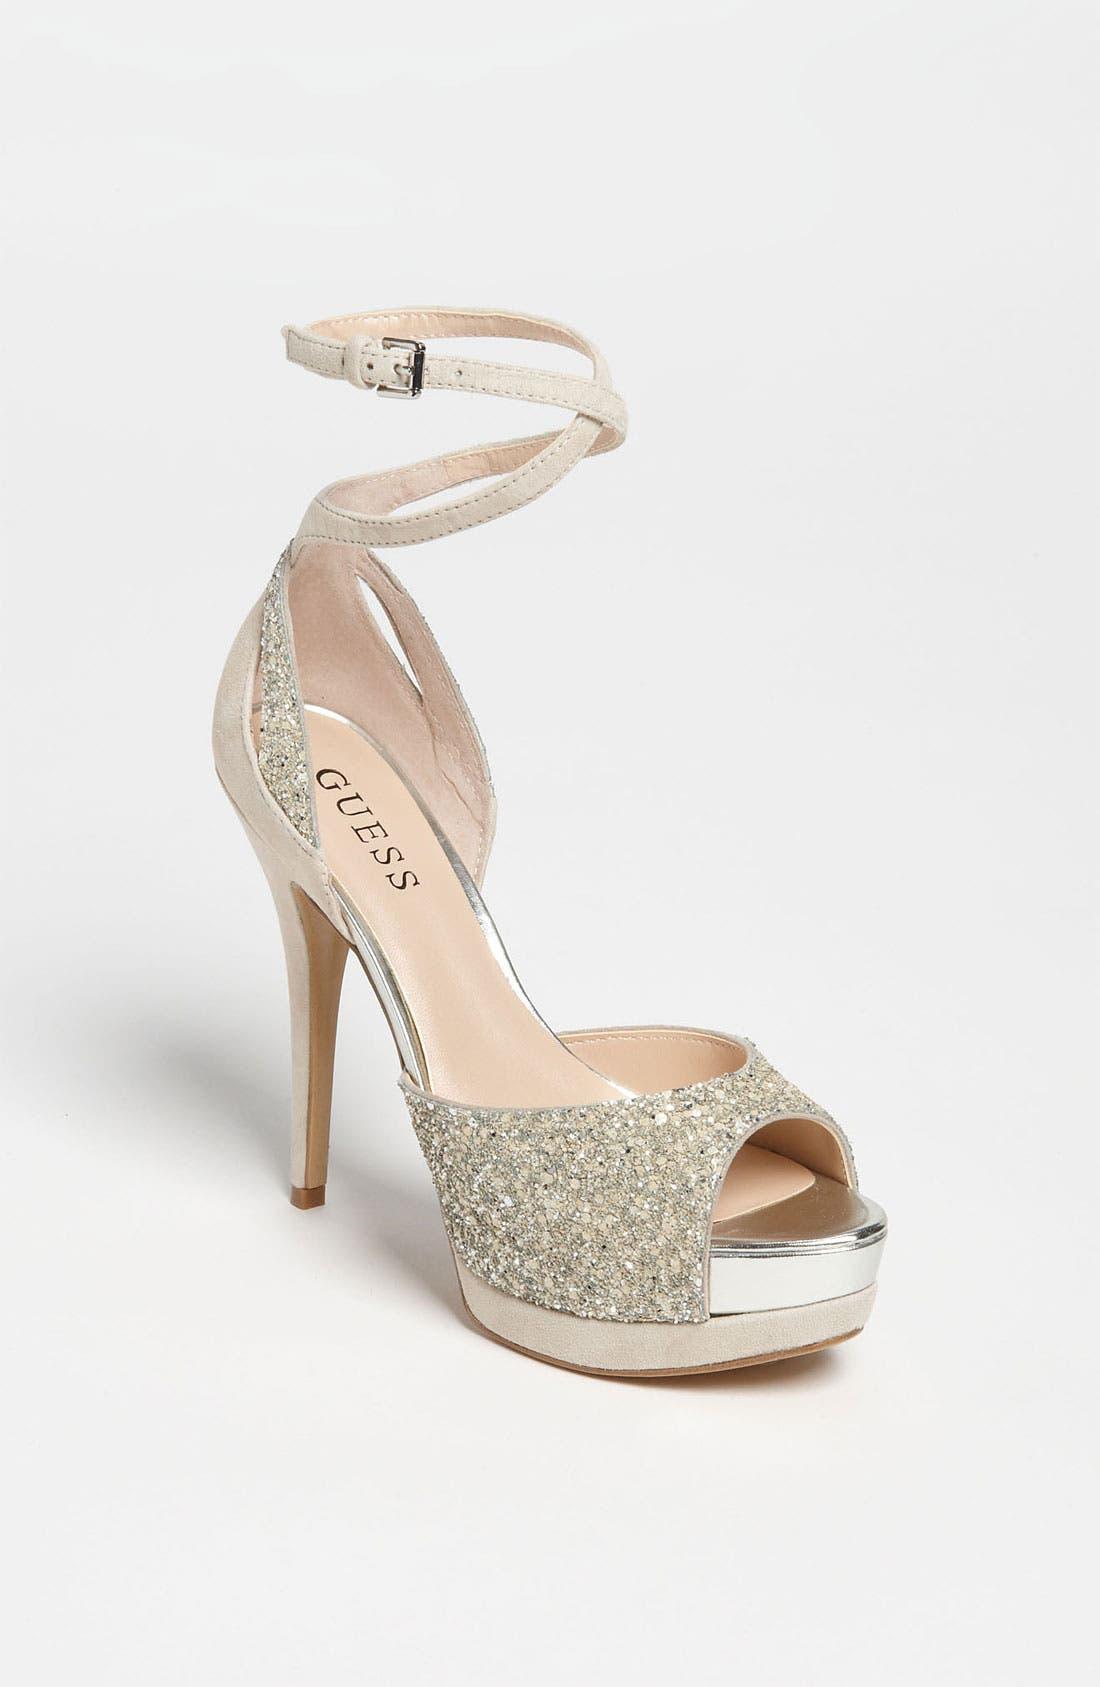 Alternate Image 1 Selected - GUESS 'Gabinoly' Sandal